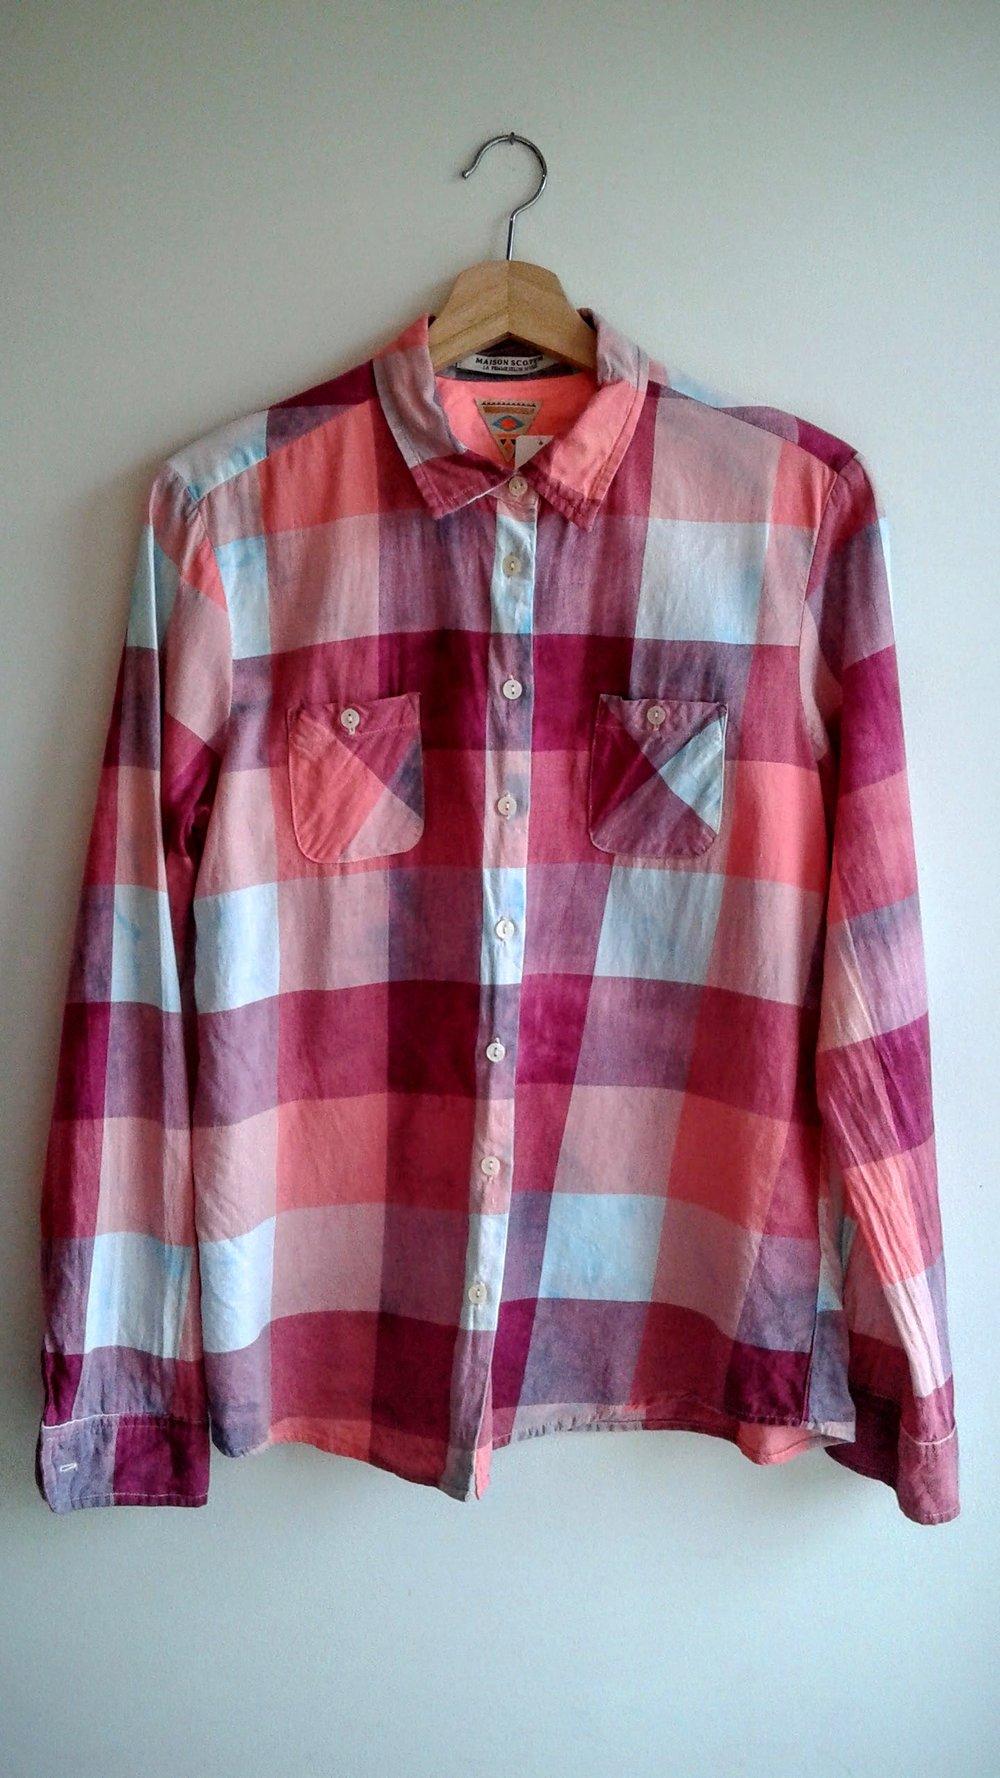 Maison Scotch shirt; Size M, $26